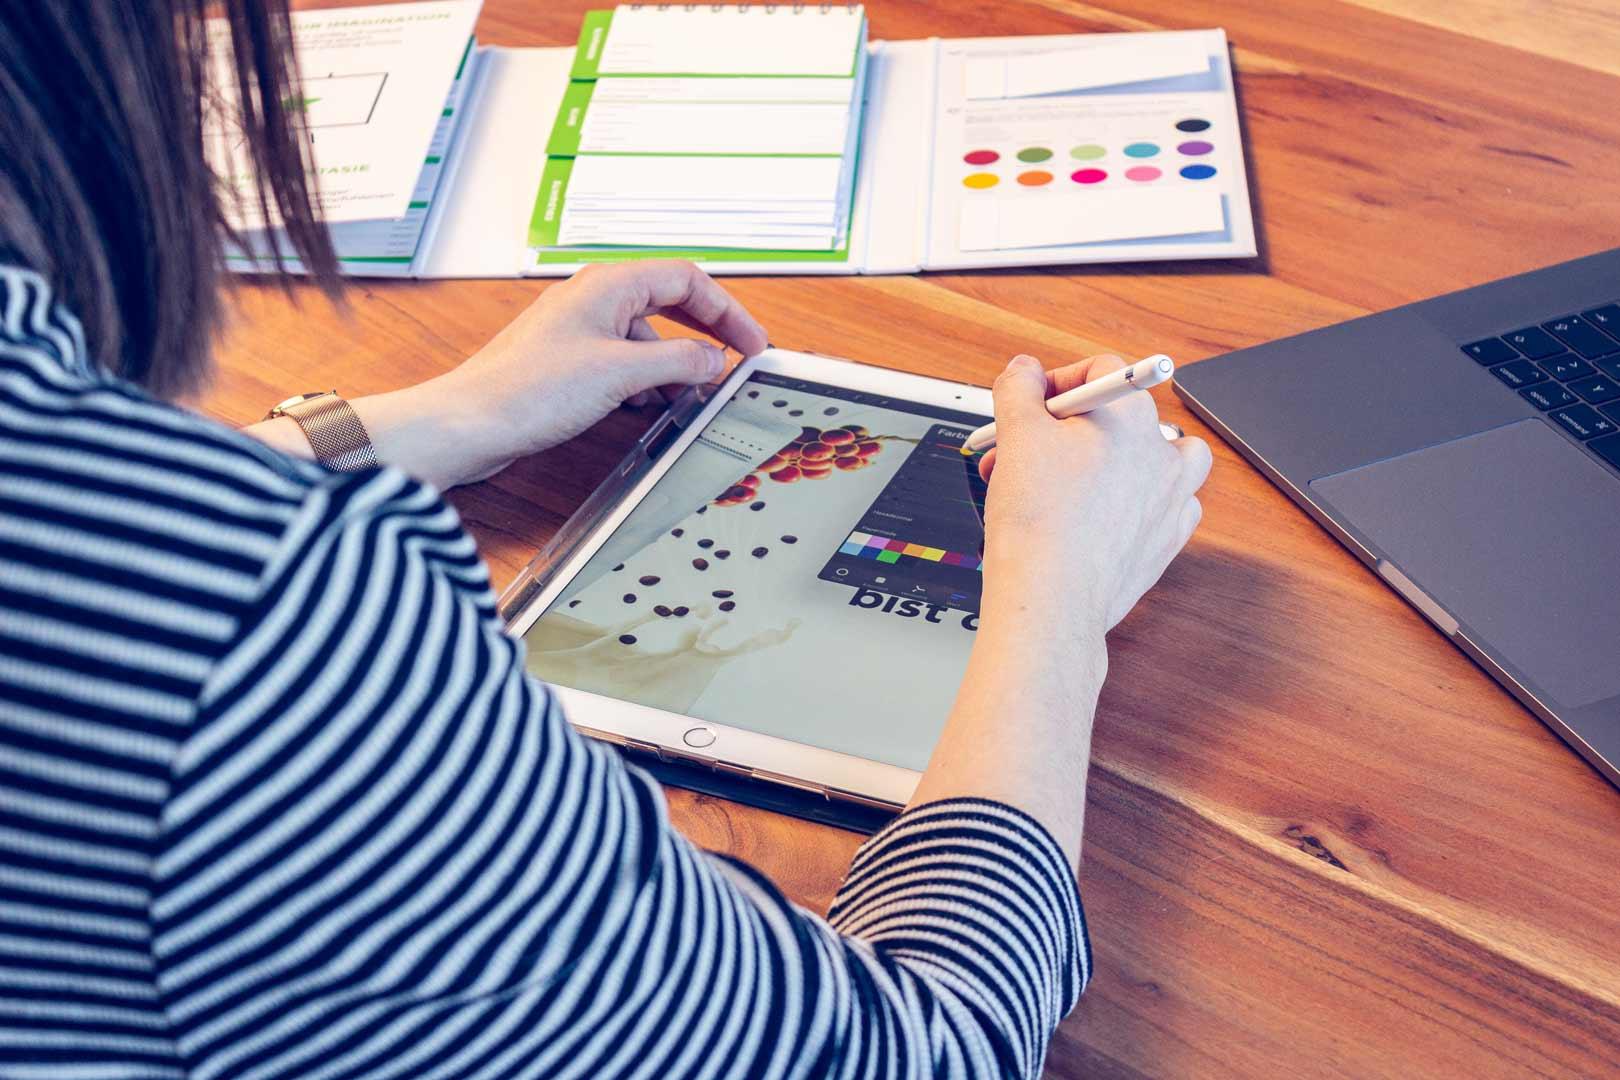 Mitarbeiterin schaut auf ein Tablet, mit dem sie arbeitet.